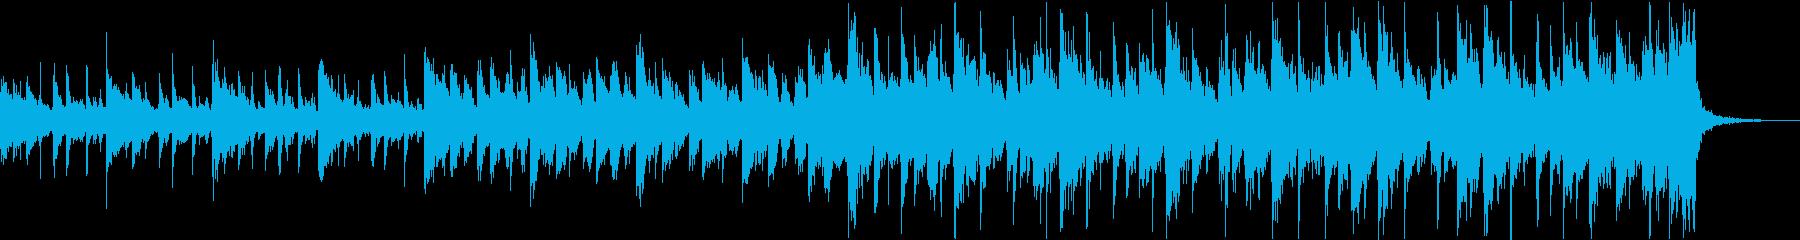 壮大シネマティックエピックトレーラーcの再生済みの波形